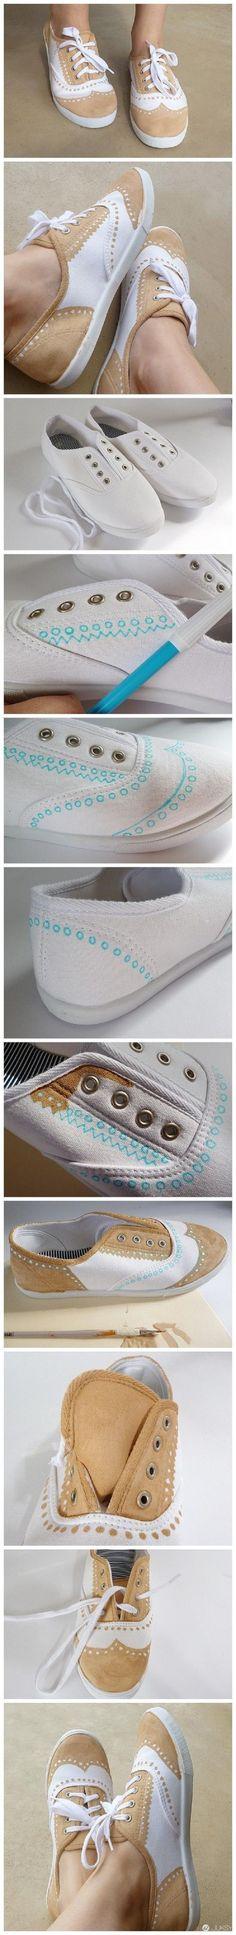 球鞋DIY改造13招 讓妳與眾不同!  - JUKSY 線上流行生活雜誌